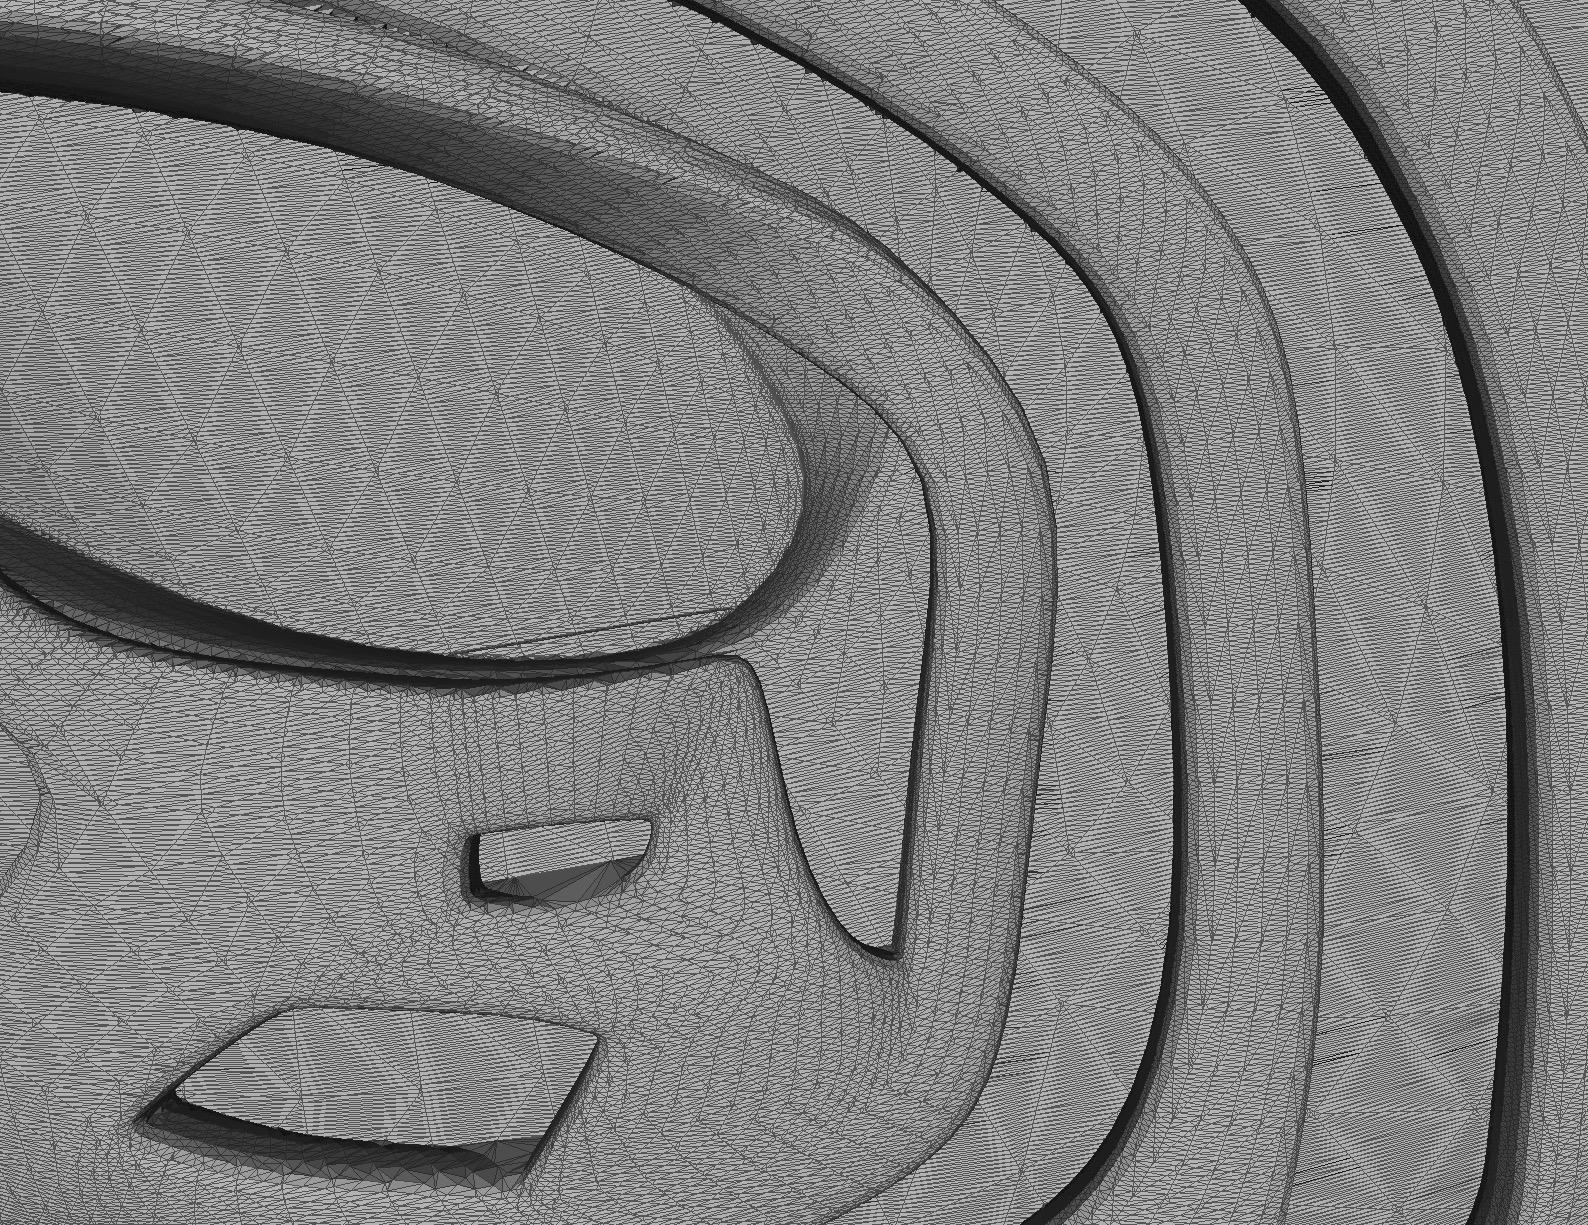 MakePrintable's Free Star Wars 3D Model Offer